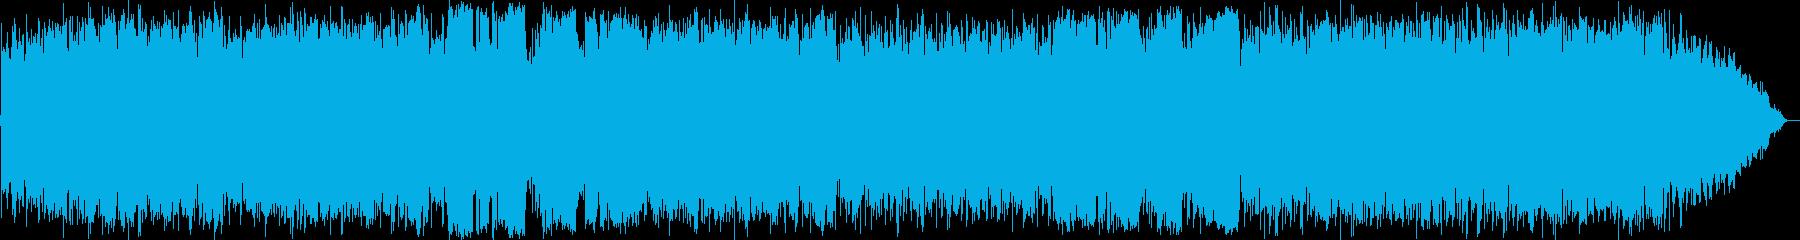 穏やかな自然のヒーリングミュージックの再生済みの波形